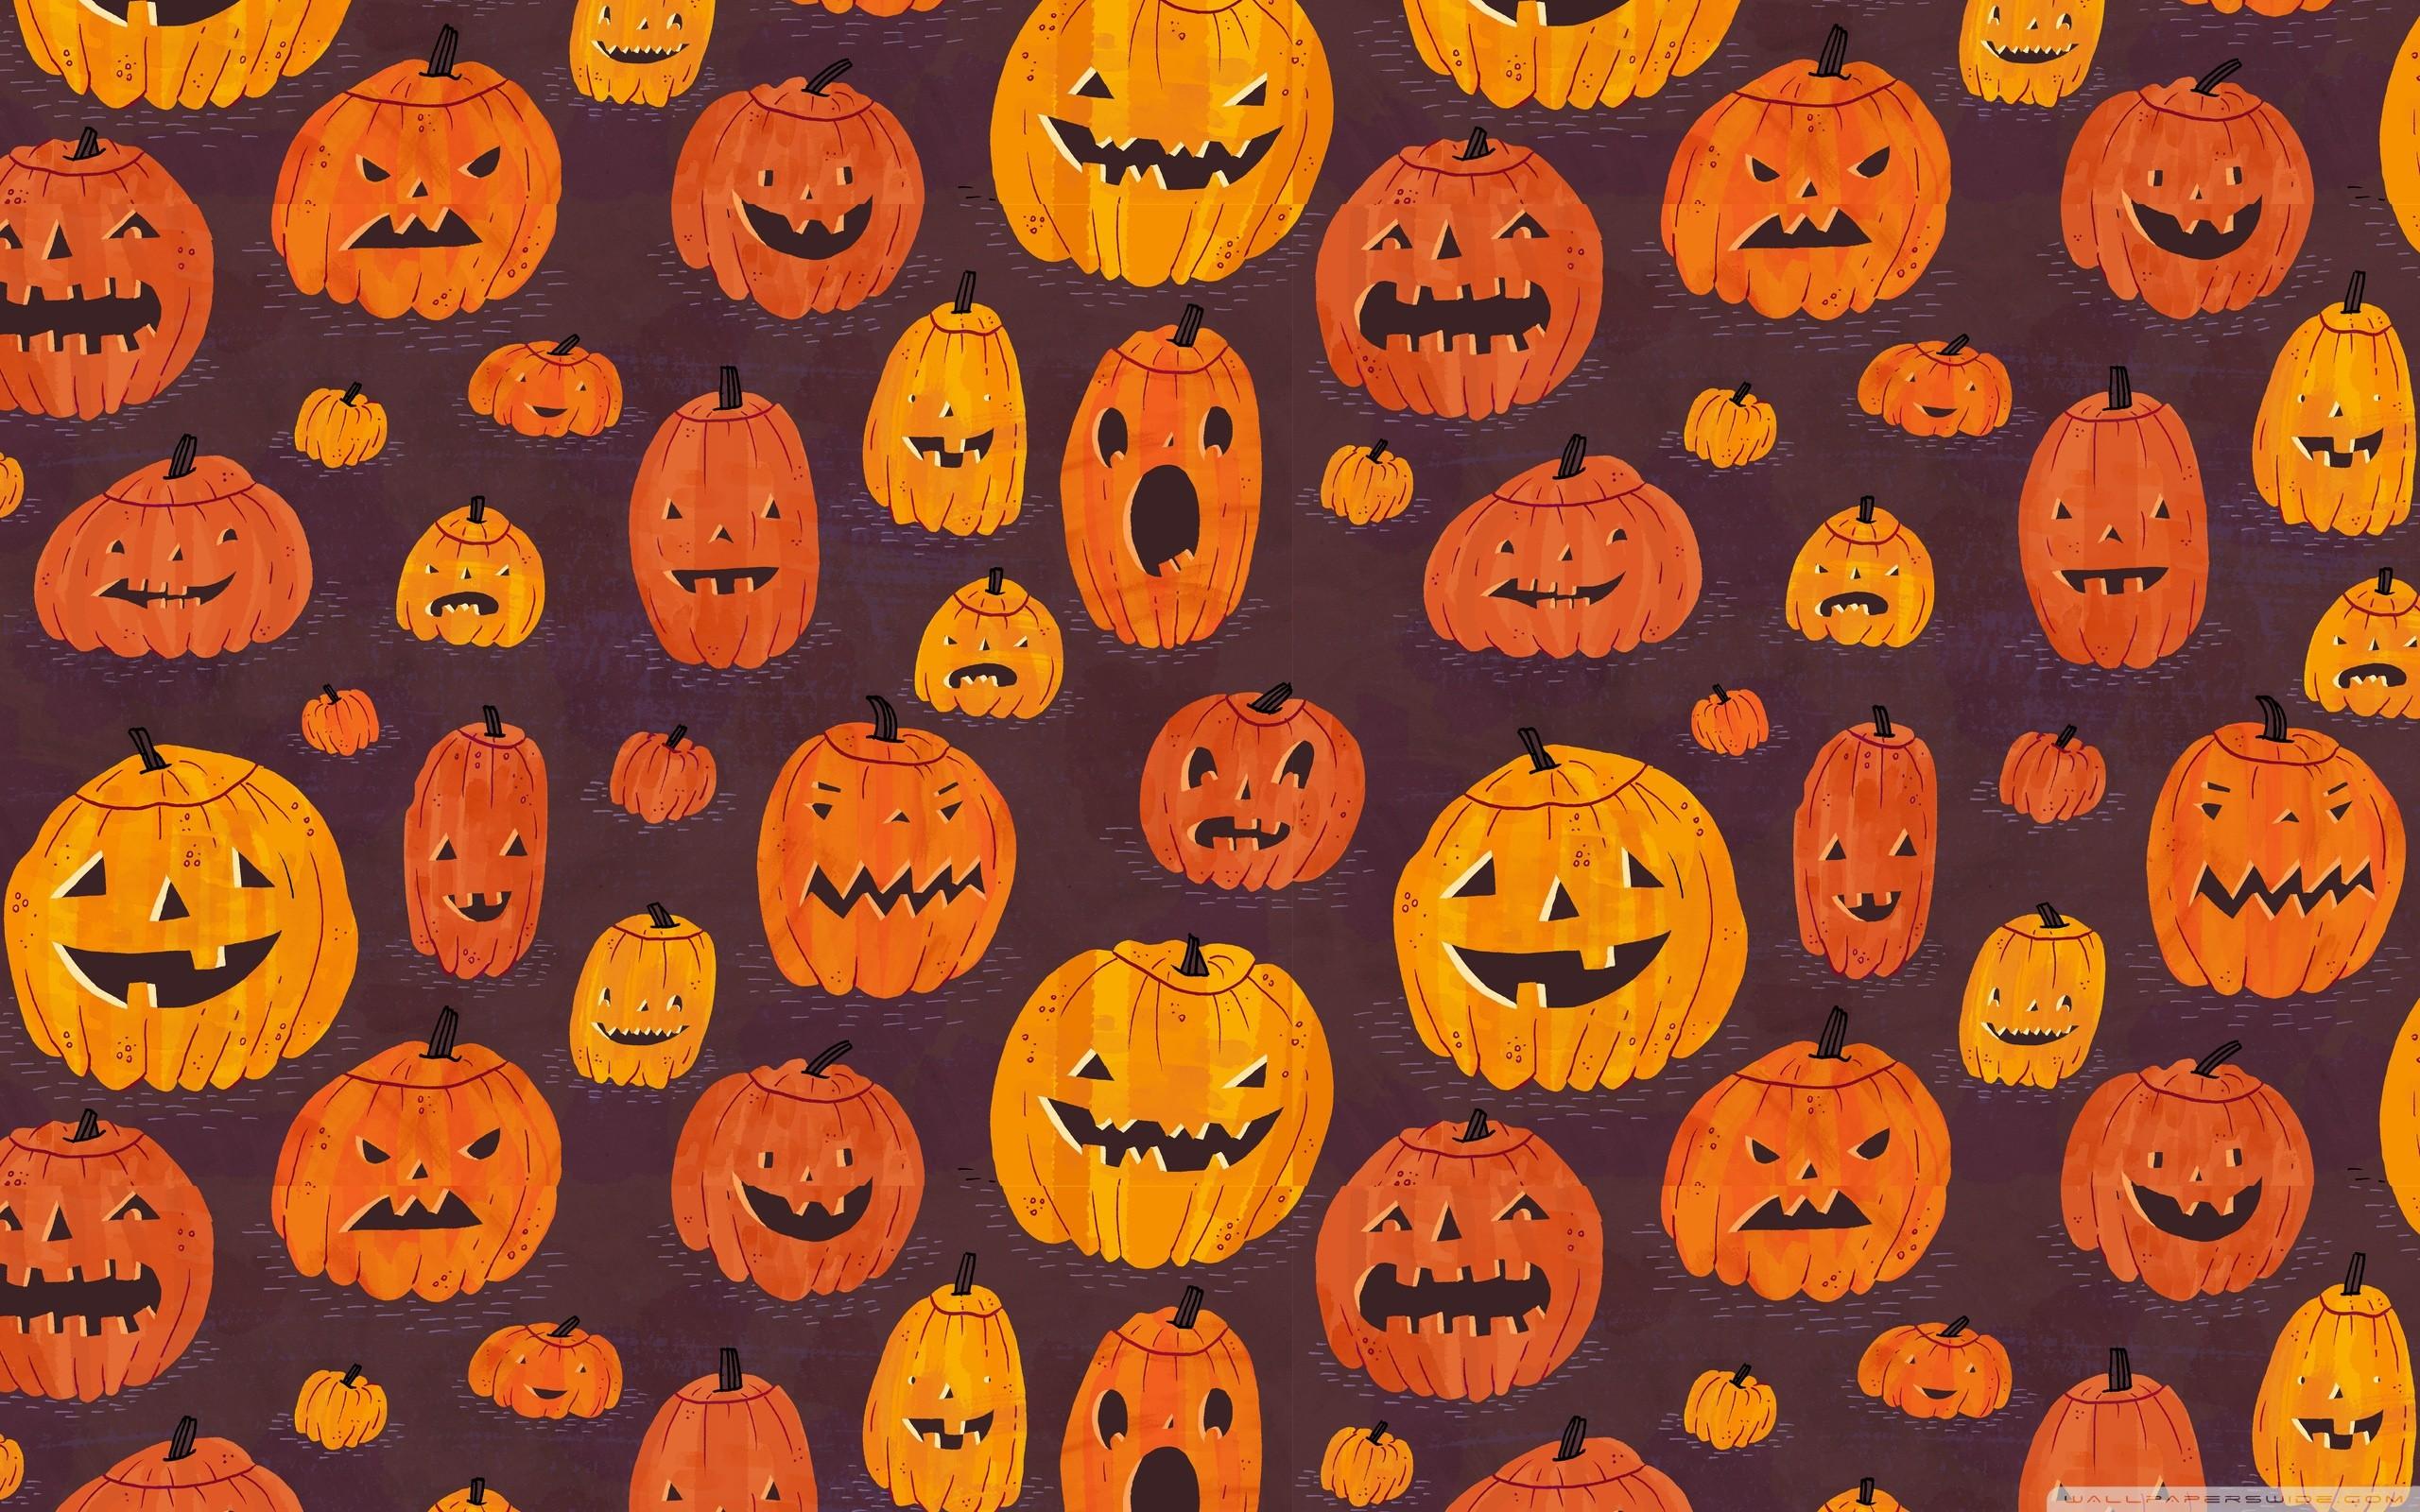 Halloween Pumpkins Pattern HD desktop wallpaper : High Definition …  Halloween Pumpkins Pattern HD Desktop Wallpaper High Definition